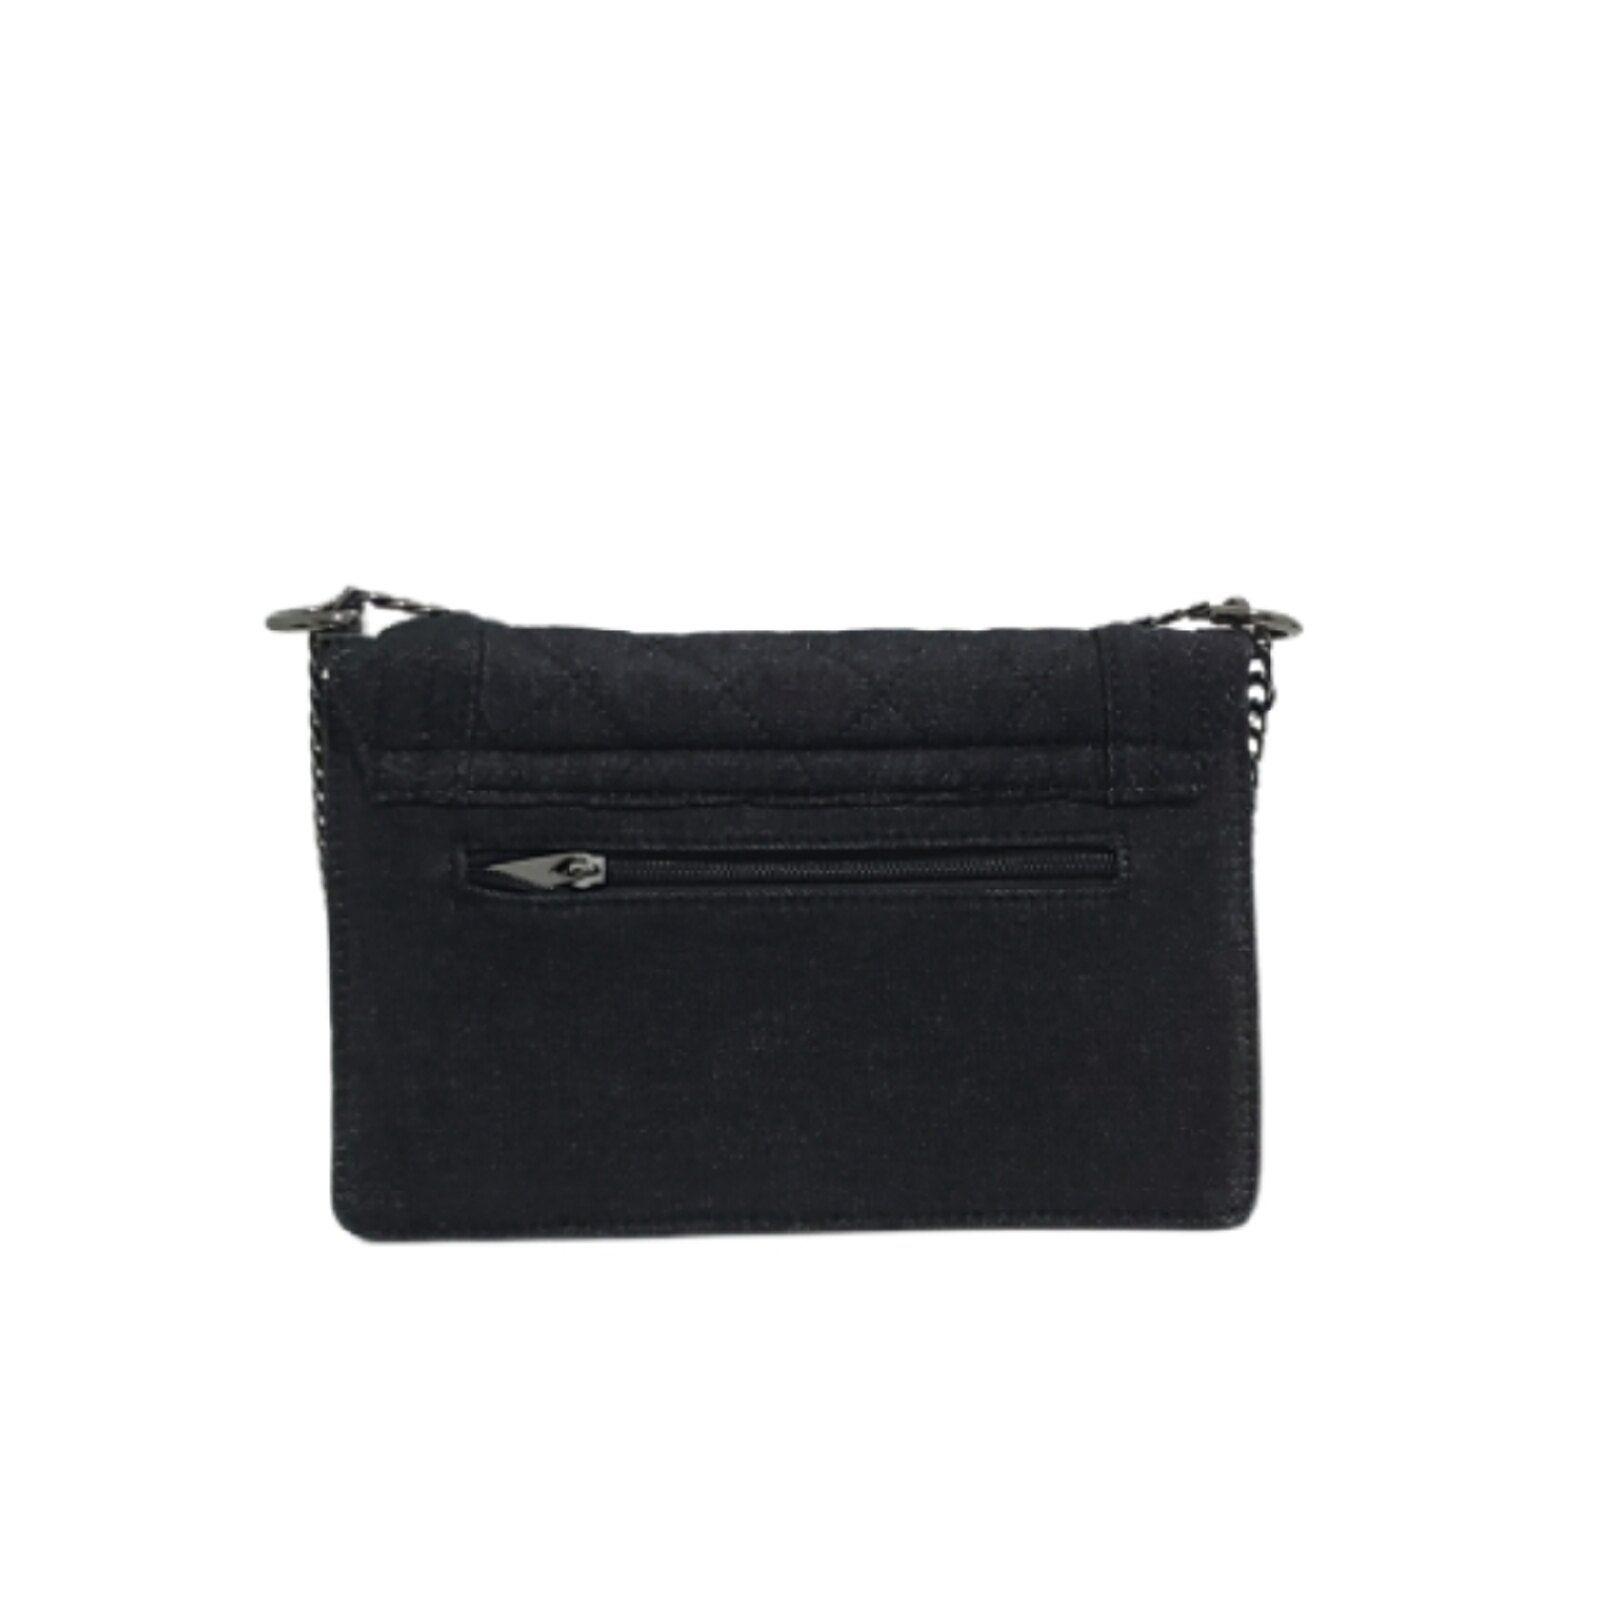 Fanlice Small Crossbody Bag Bolsos y accesorios Jeans Correa de cadena Negro